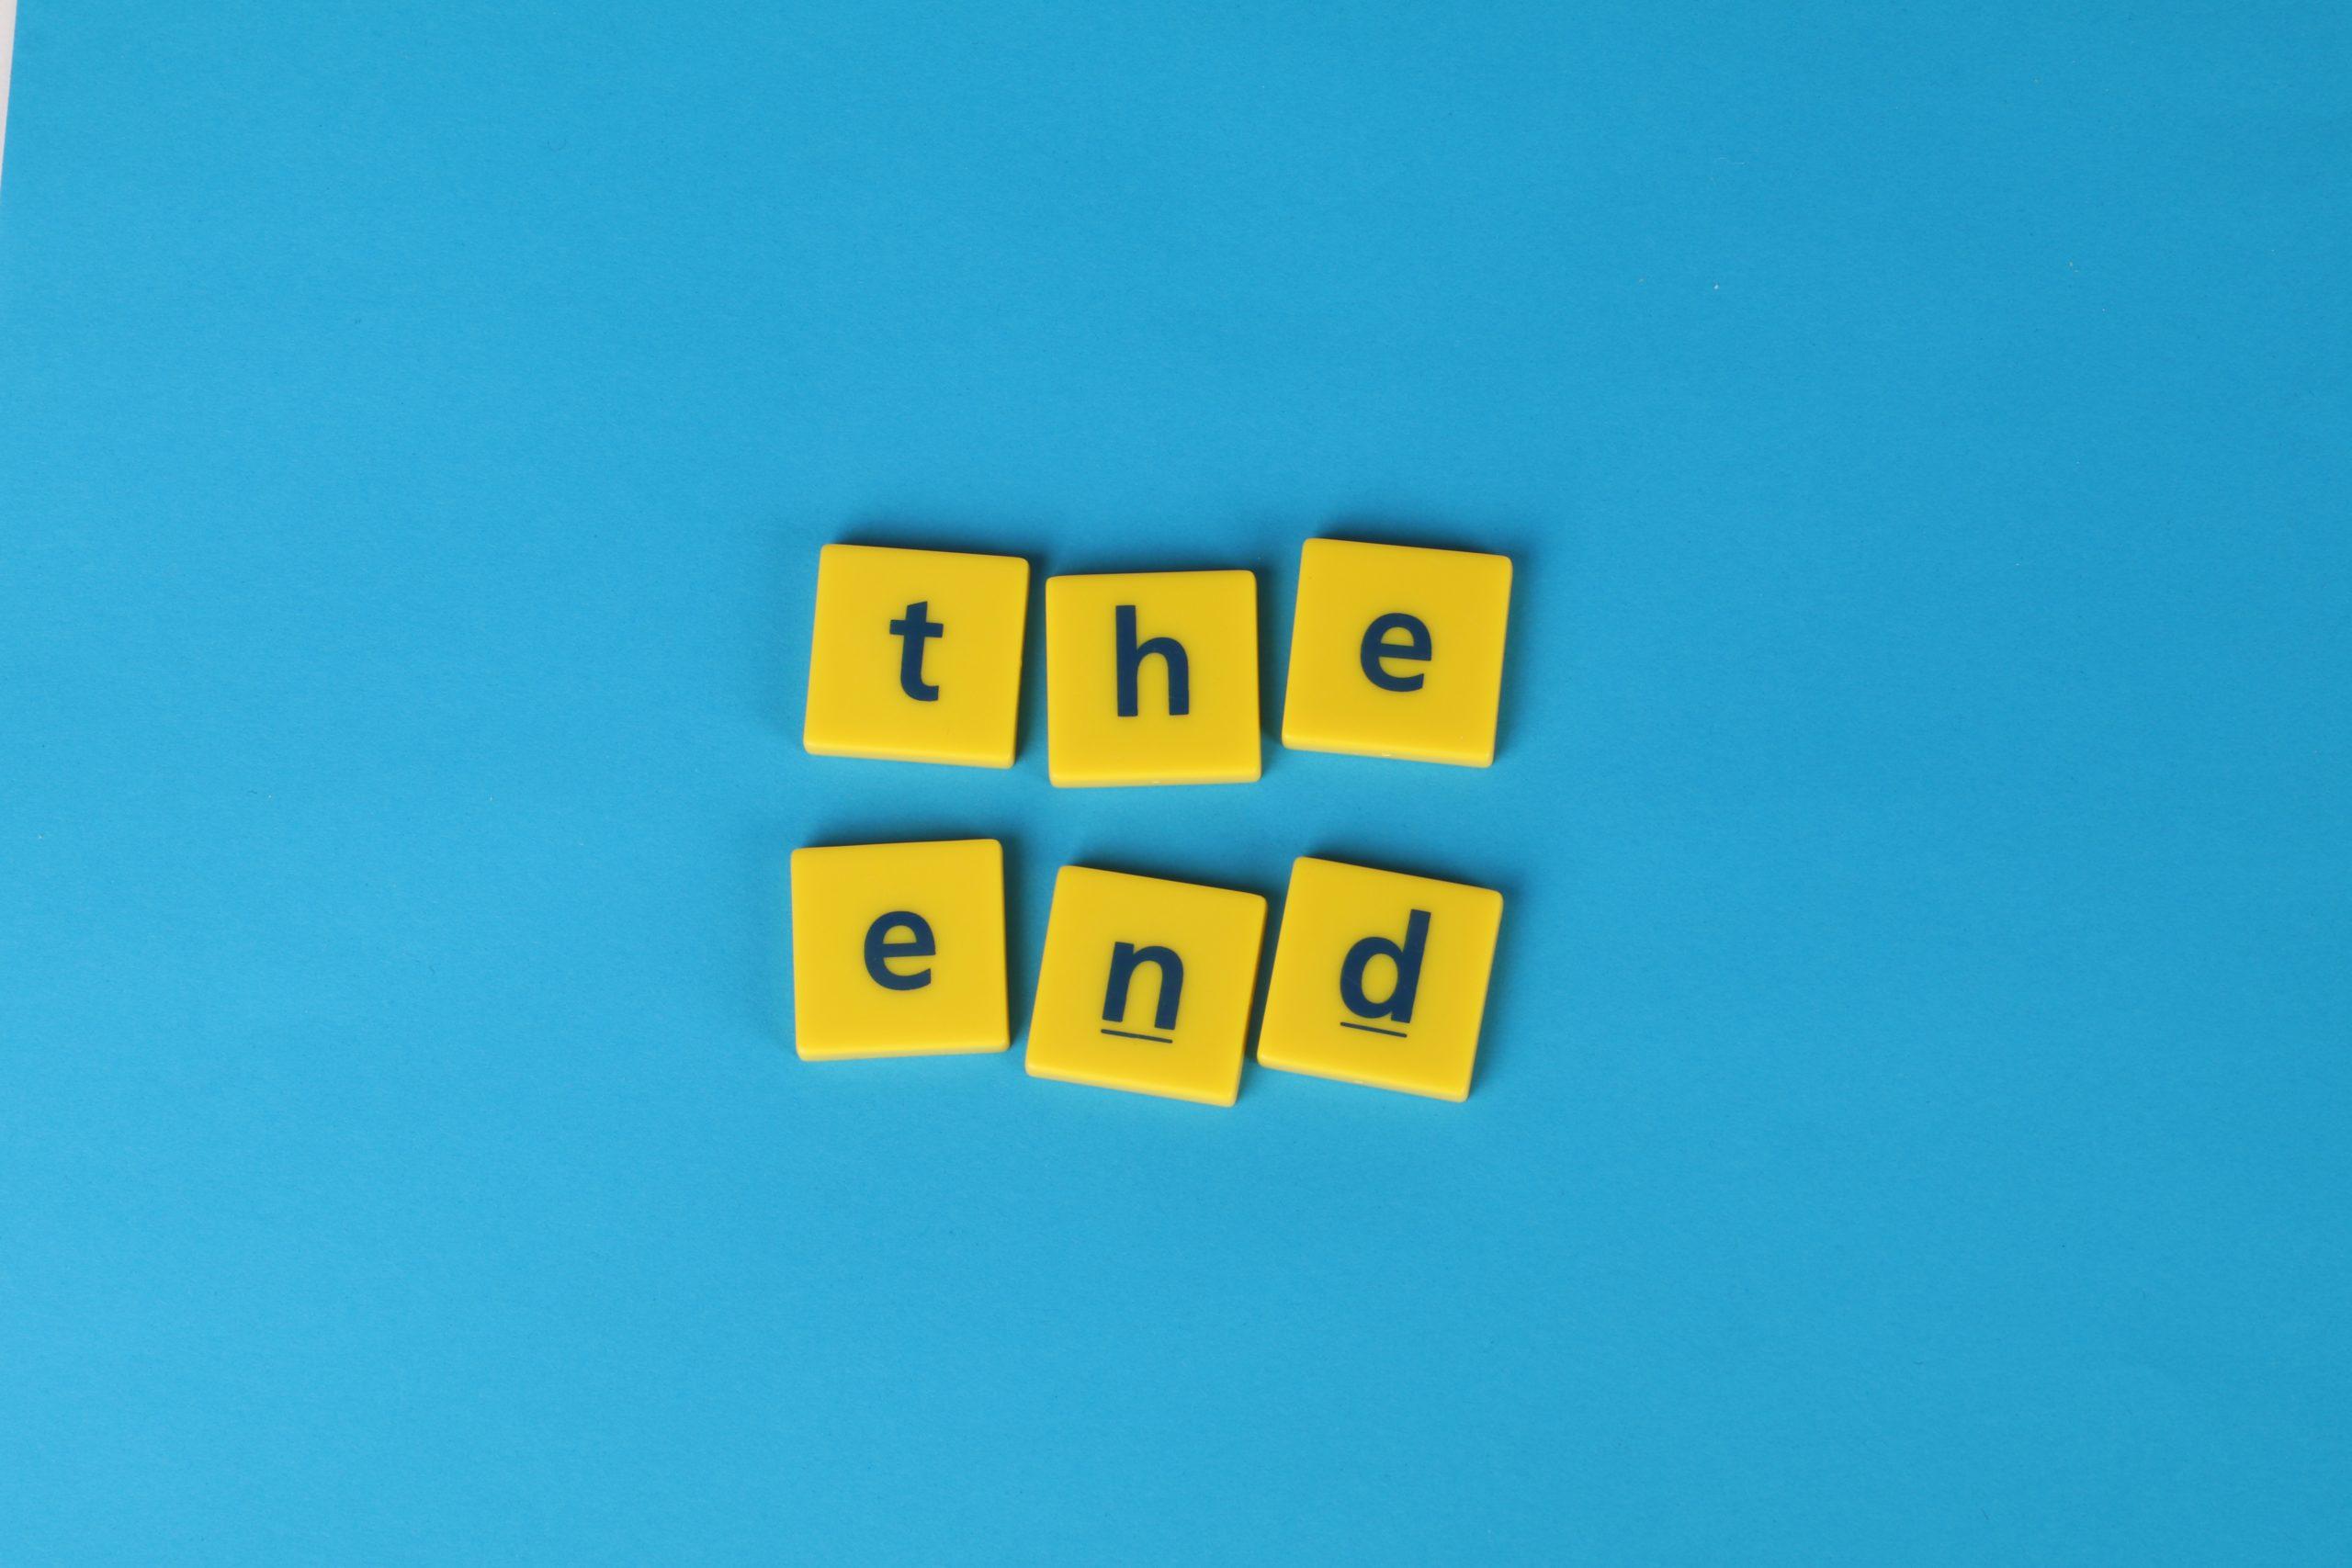 żółte klocki z napisem the end na niebieskim tle